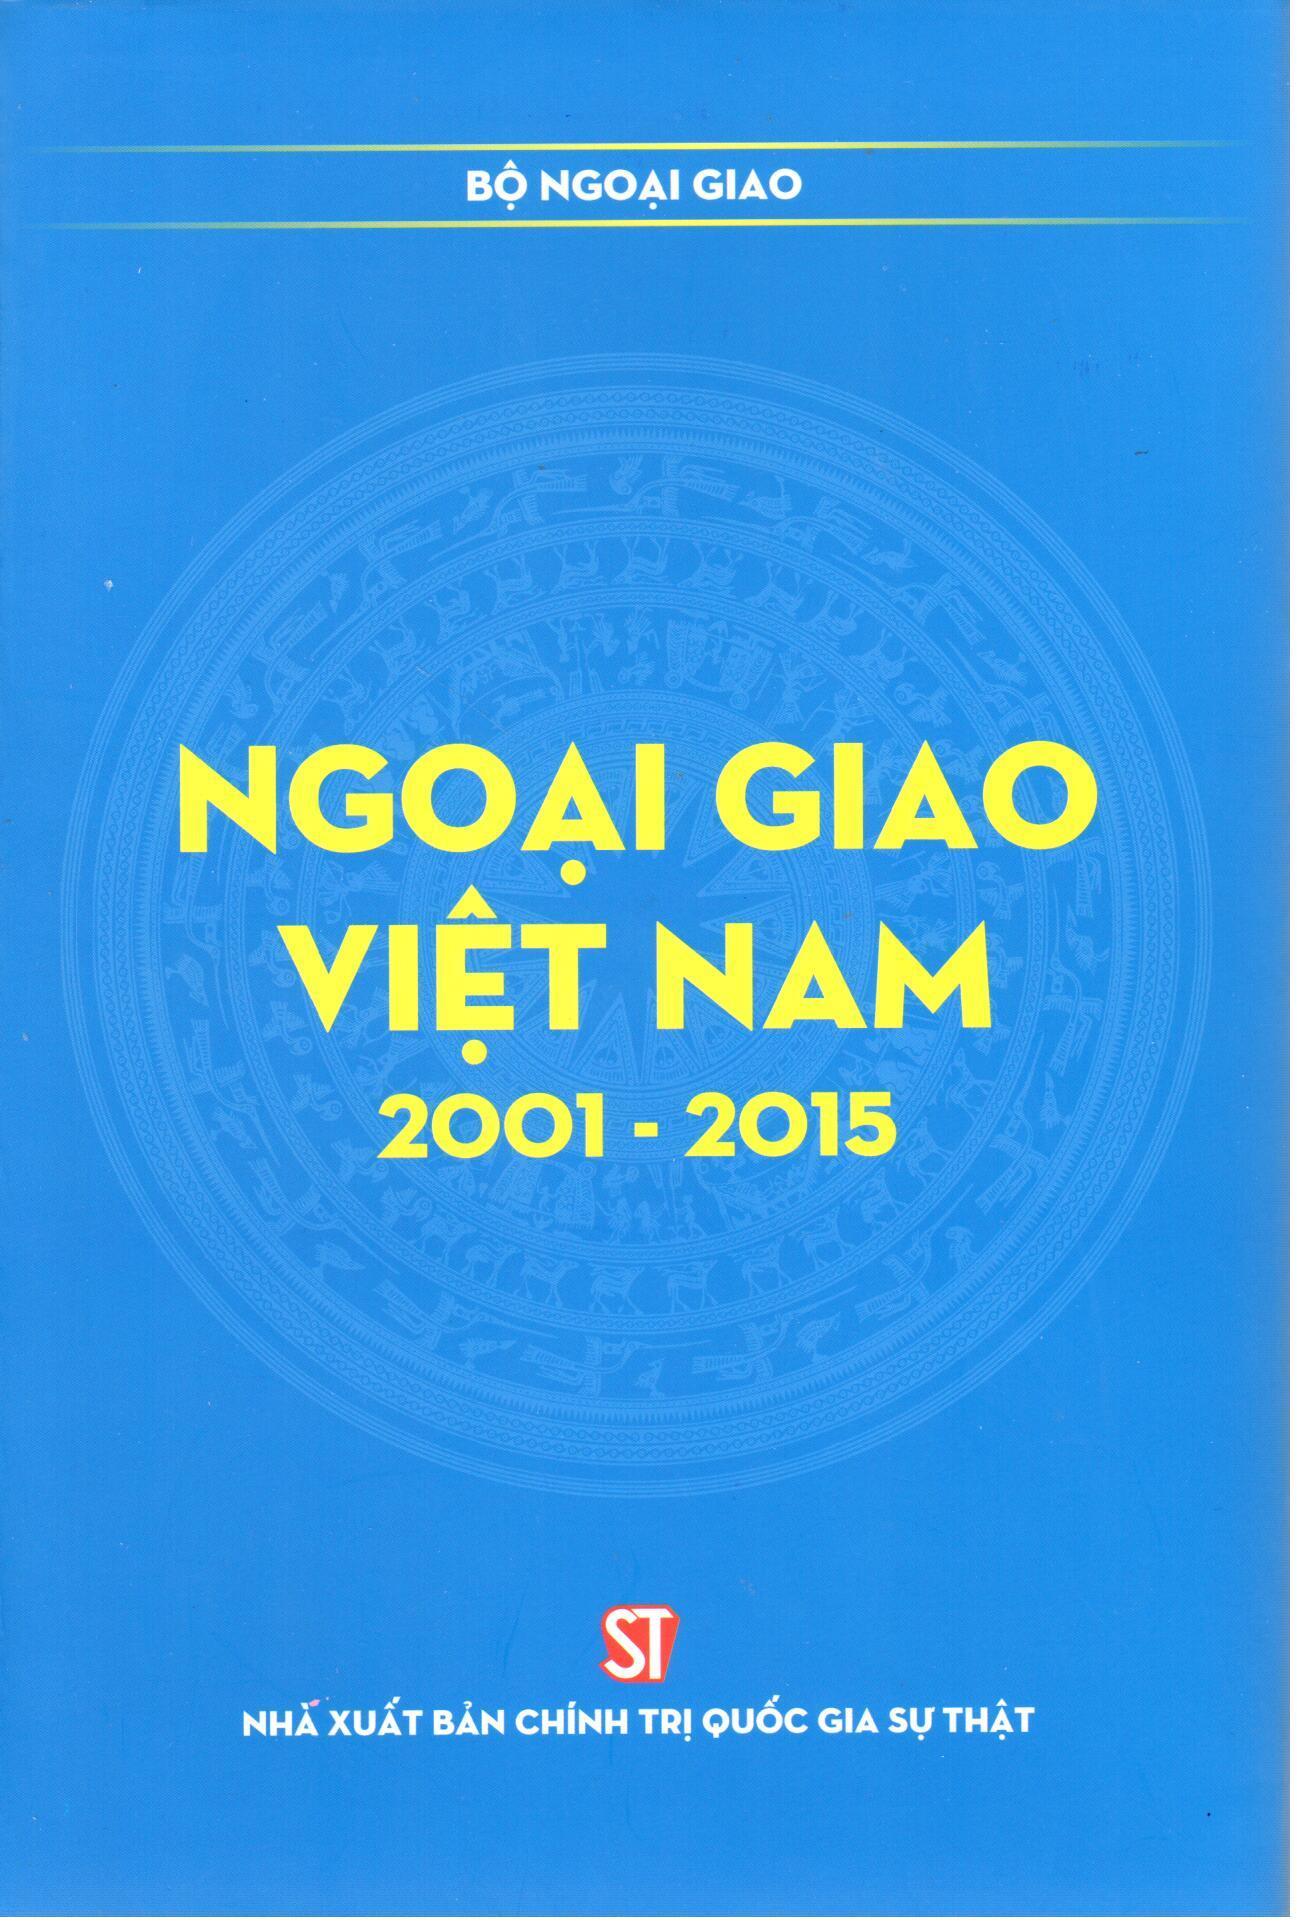 Ngoại giao Việt Nam 2001-2015